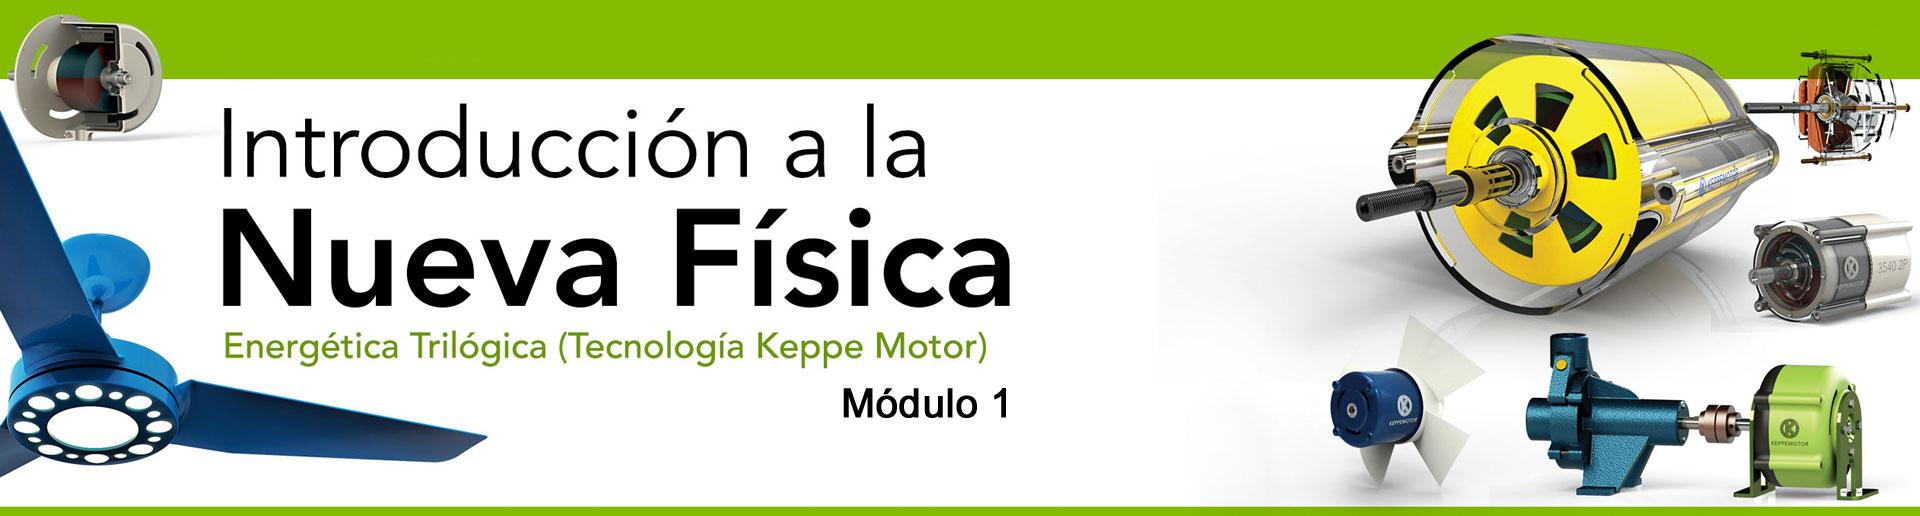 curso-introducion-nueva-fisica-modulo-1